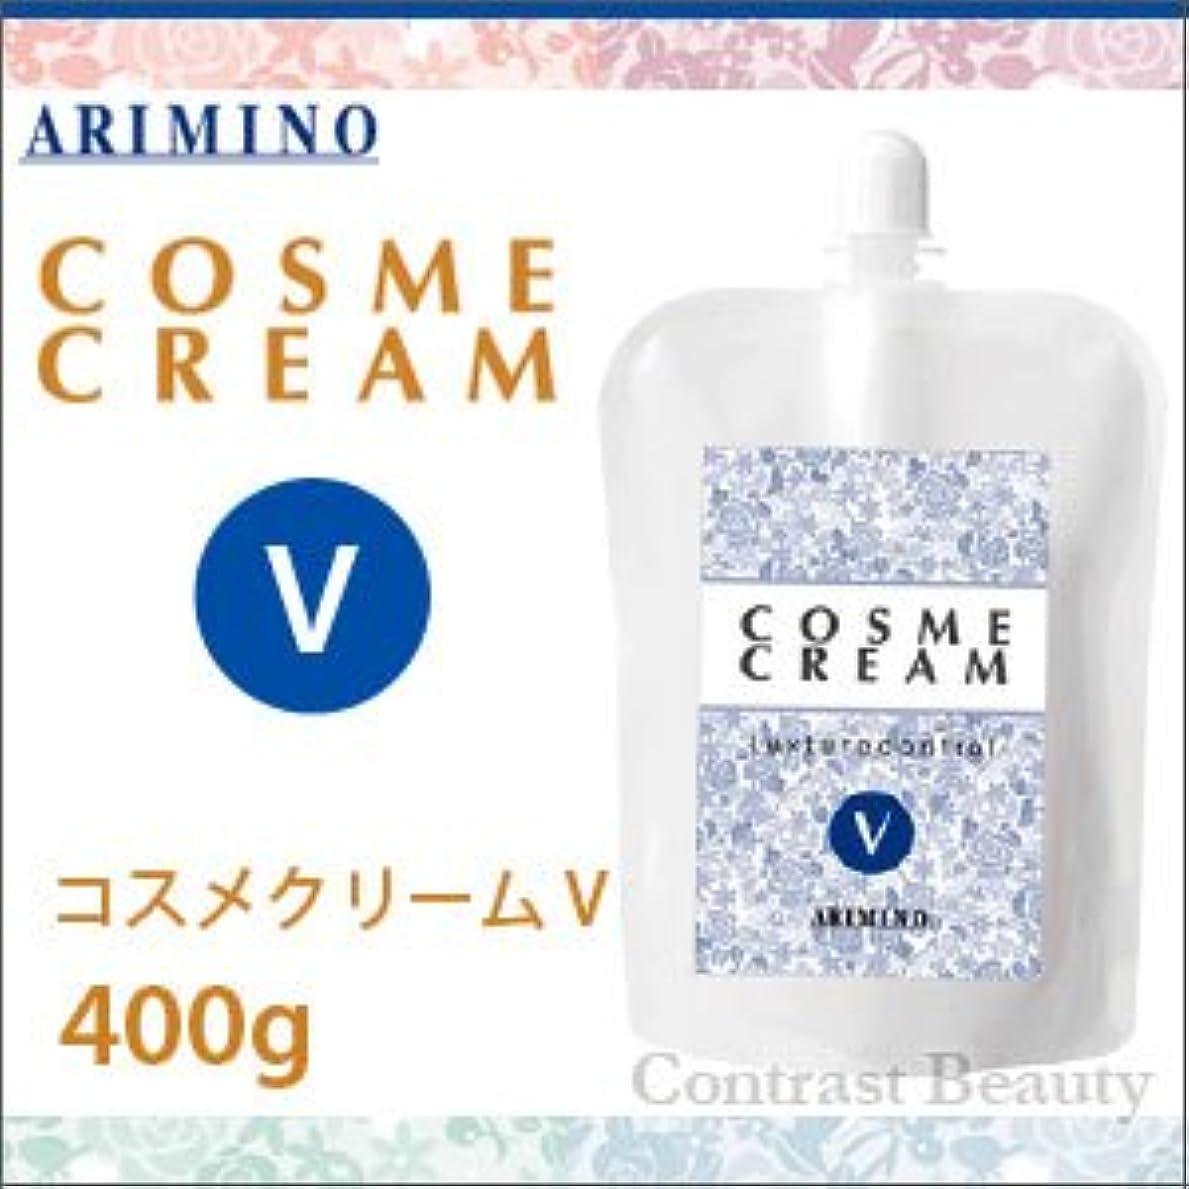 サーバントロマンチック暗黙【X5個セット】 アリミノ コスメクリーム V 400g